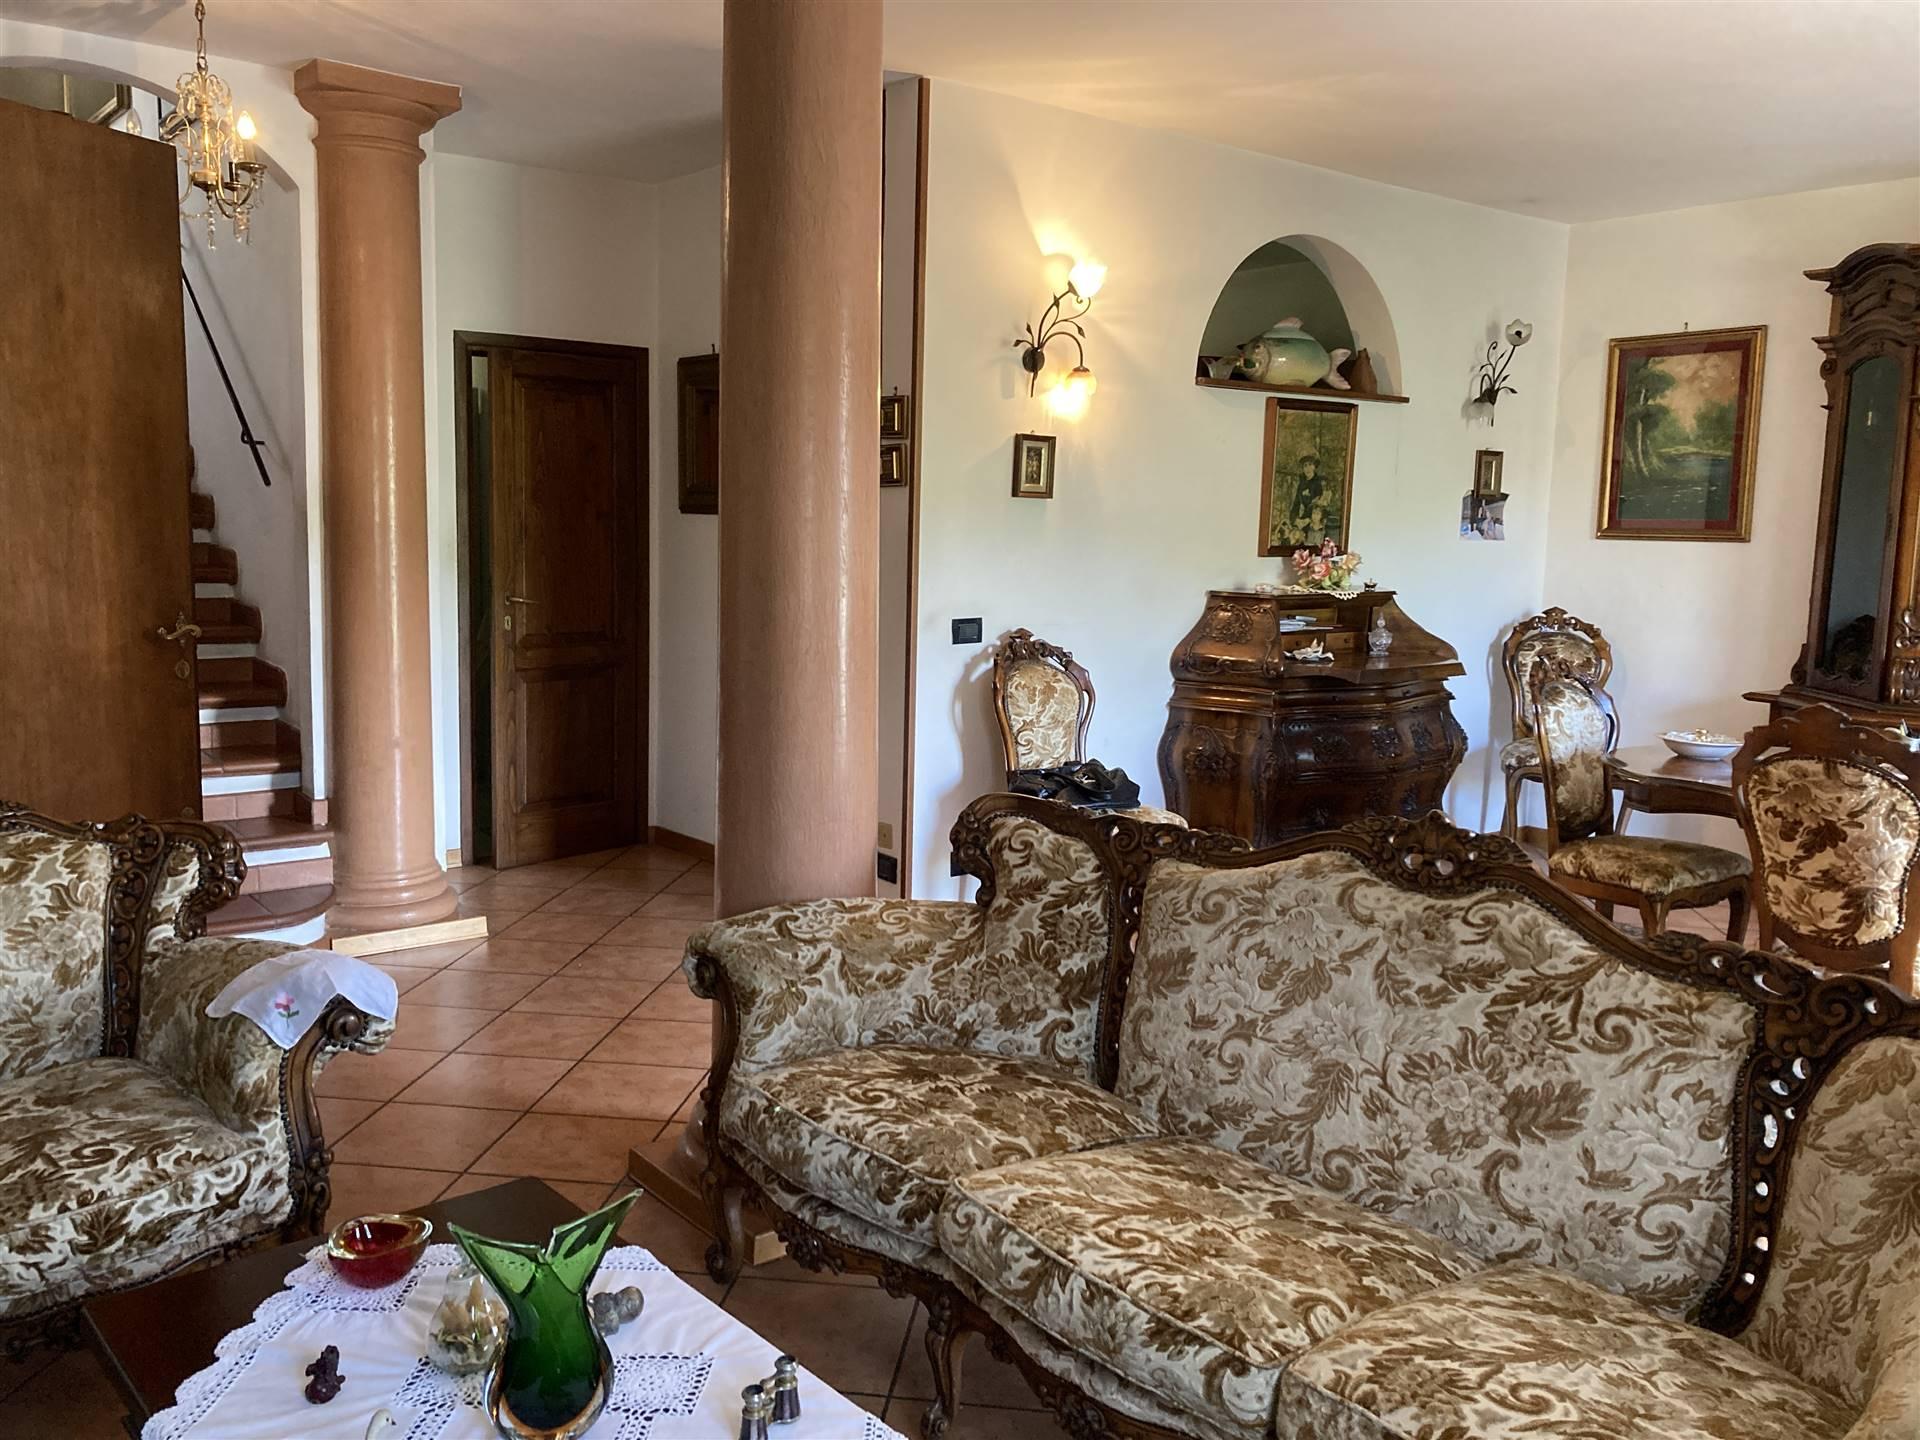 Appartamento in vendita a Greve in Chianti, 6 locali, prezzo € 185.000 | PortaleAgenzieImmobiliari.it